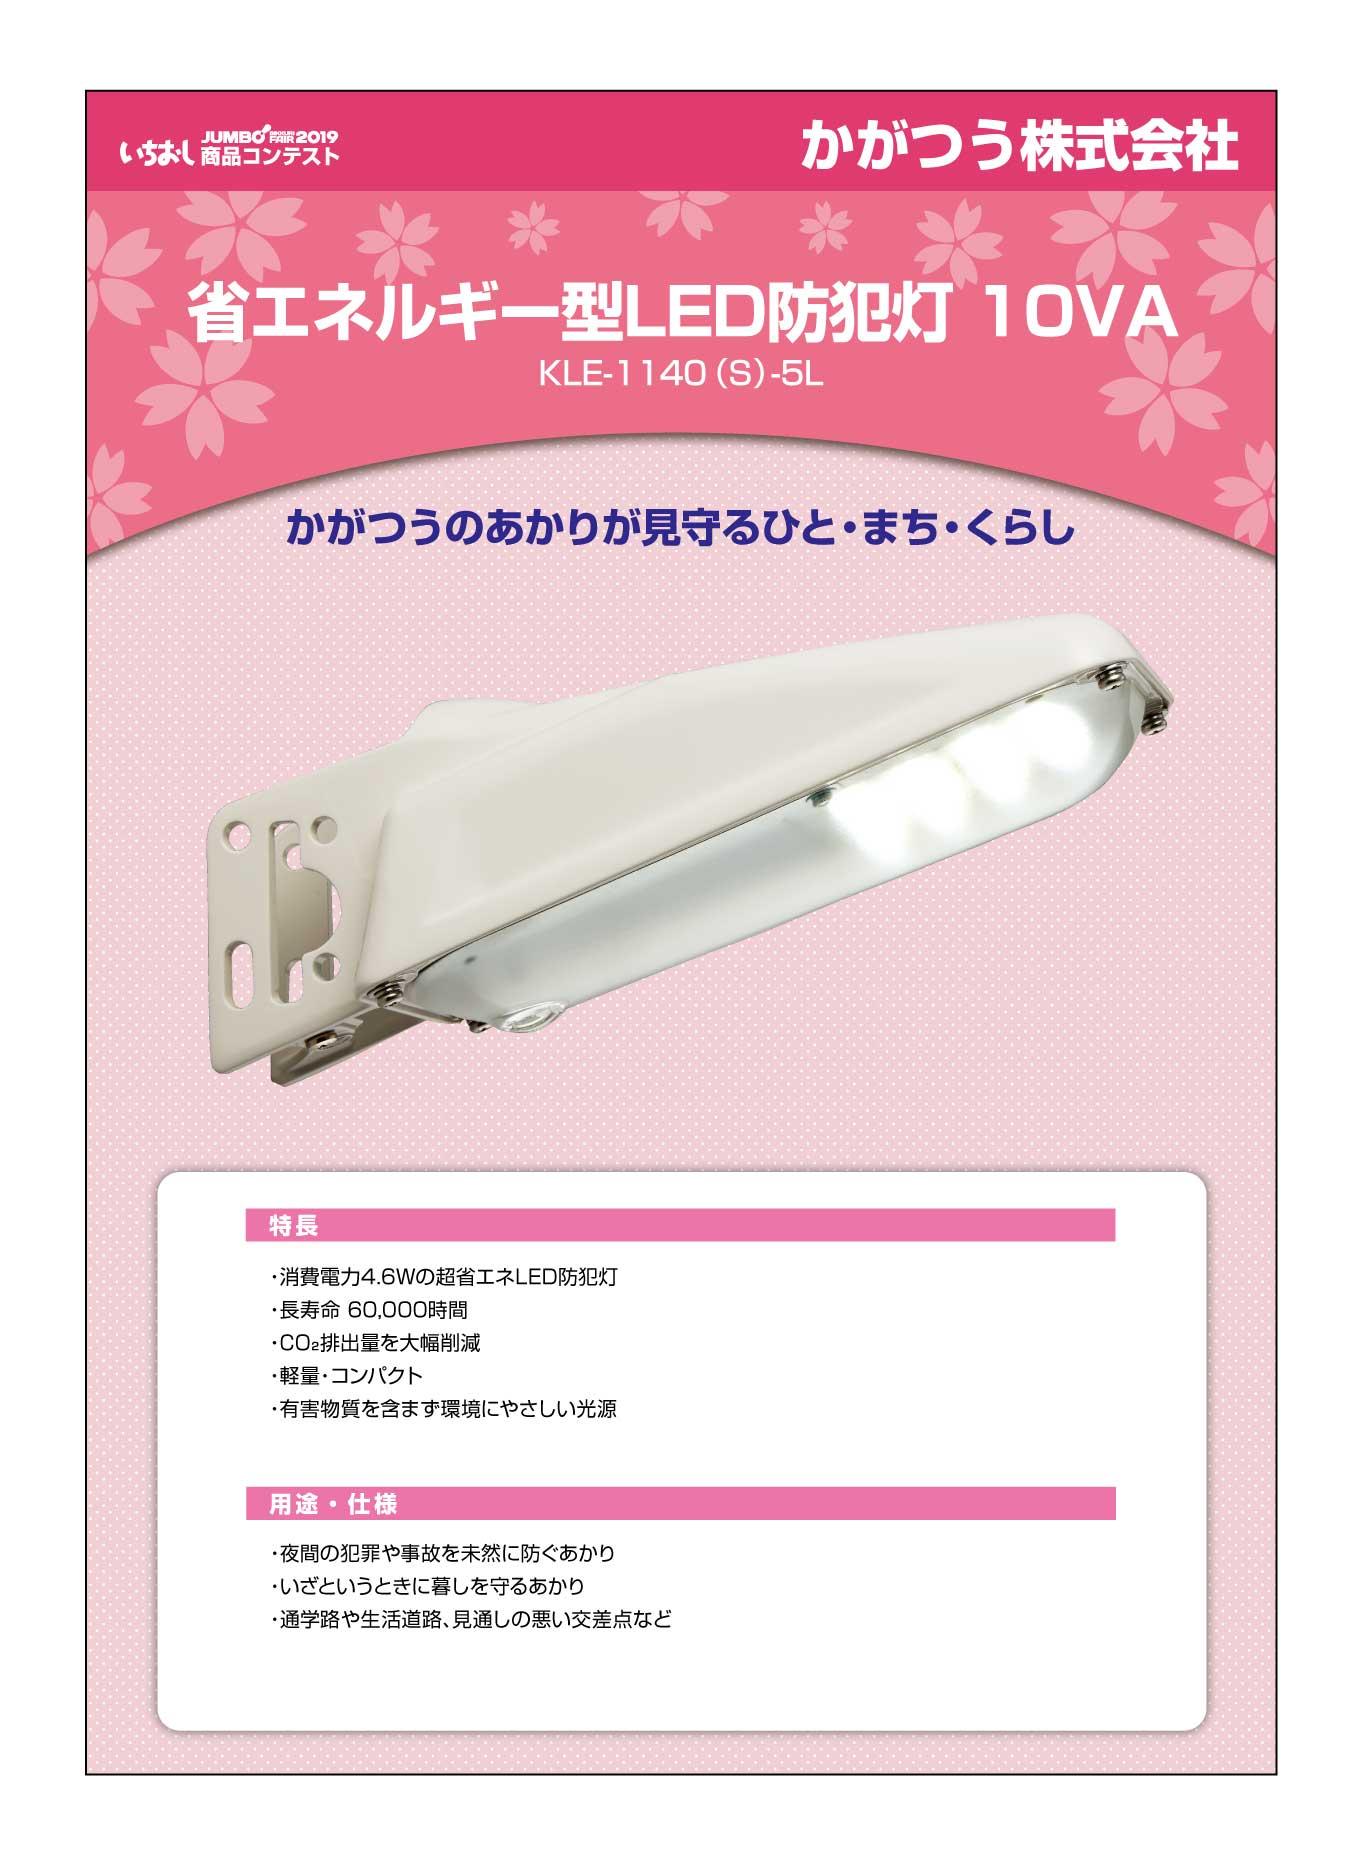 「省エネルギー型LED防犯灯 10VA」かがつう株式会社の画像